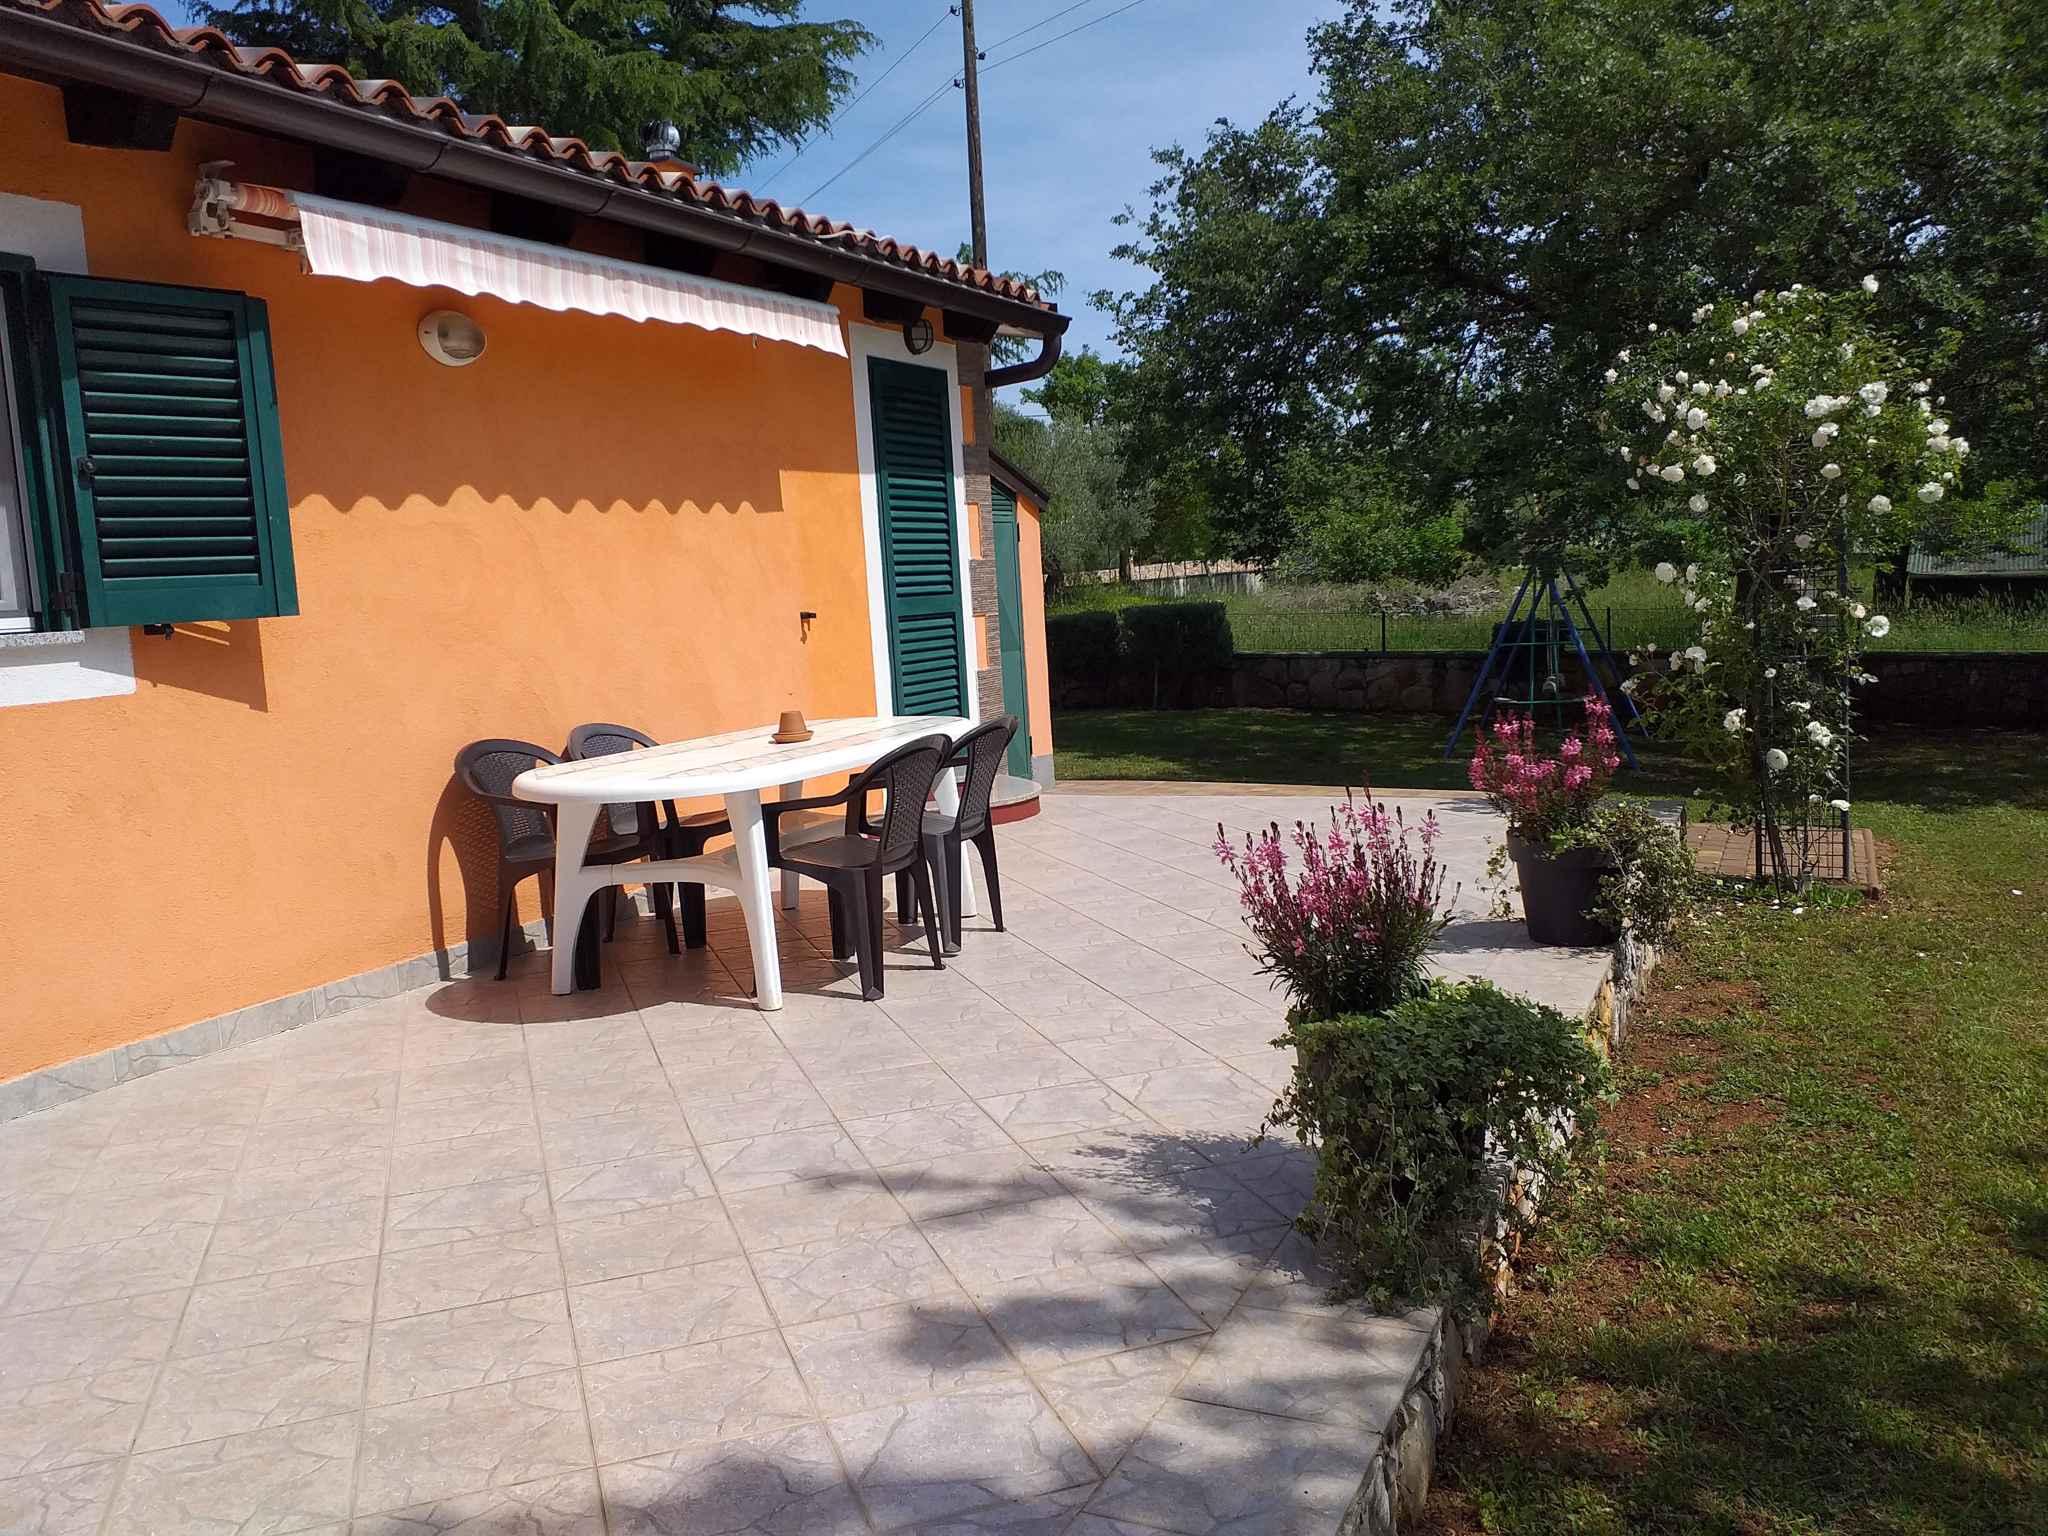 Ferienhaus mit Garten, 2,5km vom Meer entfernt (281005), Rovinj, , Istrien, Kroatien, Bild 6